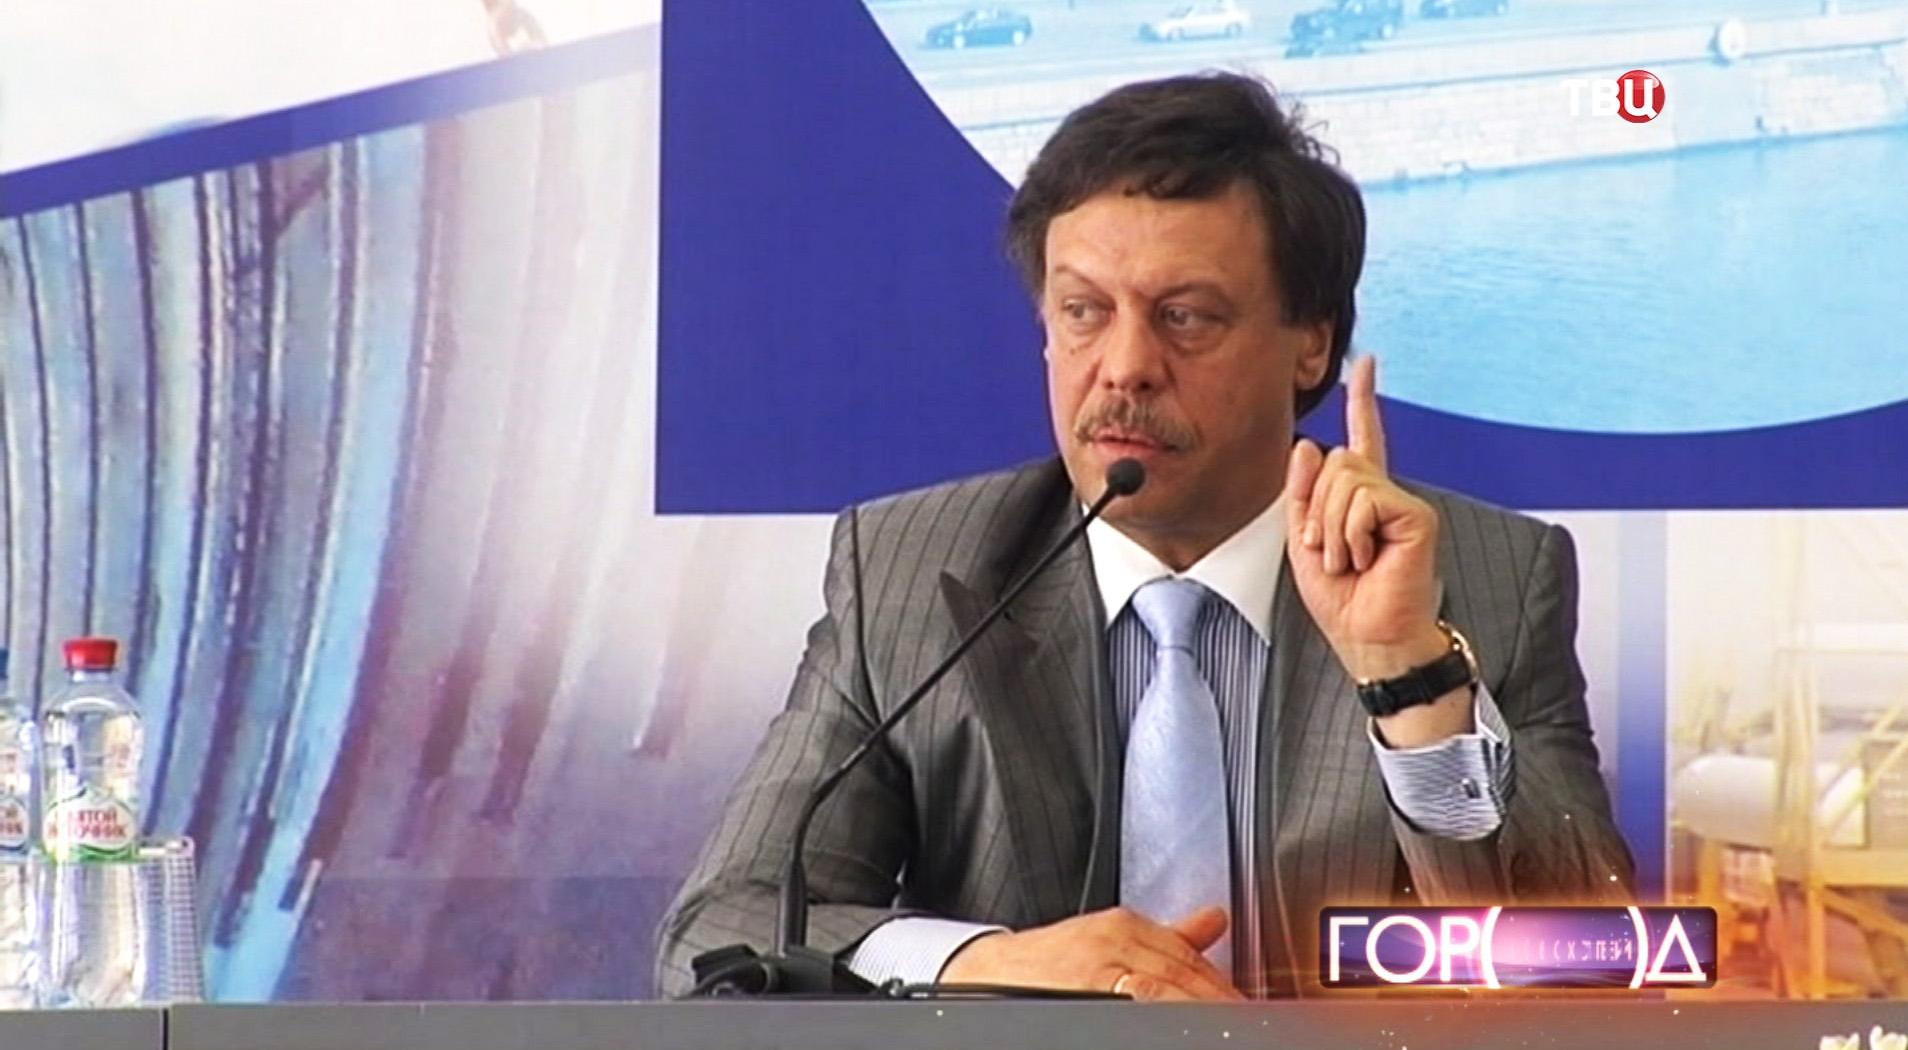 Председатель счетной комиссии на праймериз Михаил Барщевский